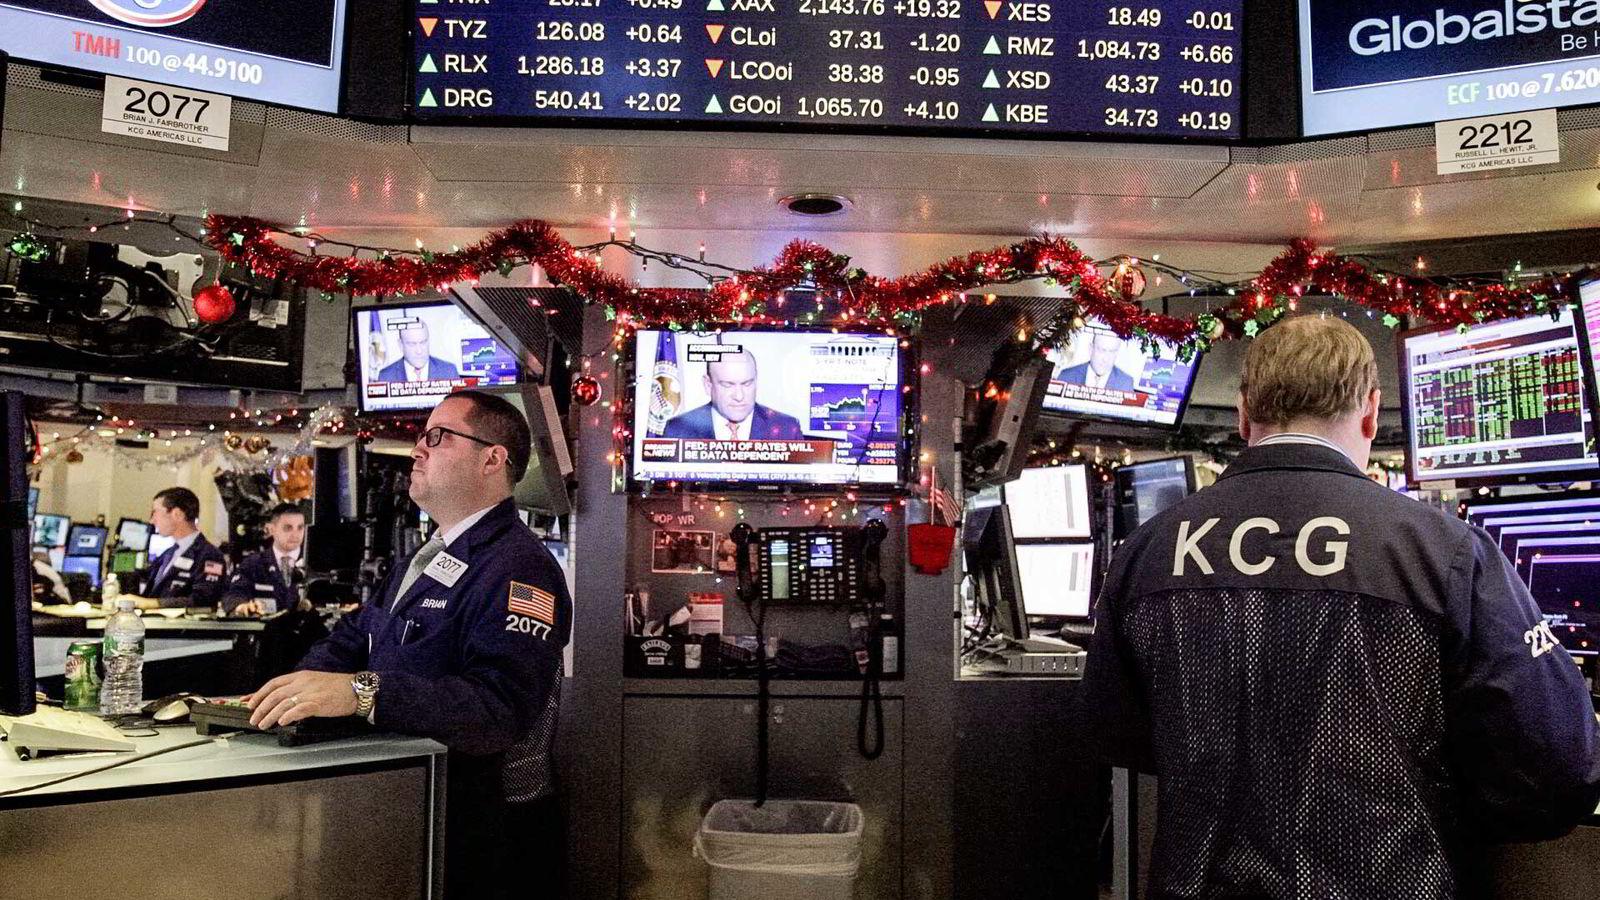 Meglere på gulvet til NYSE reagerer på beskjeden fra rentemøtet.